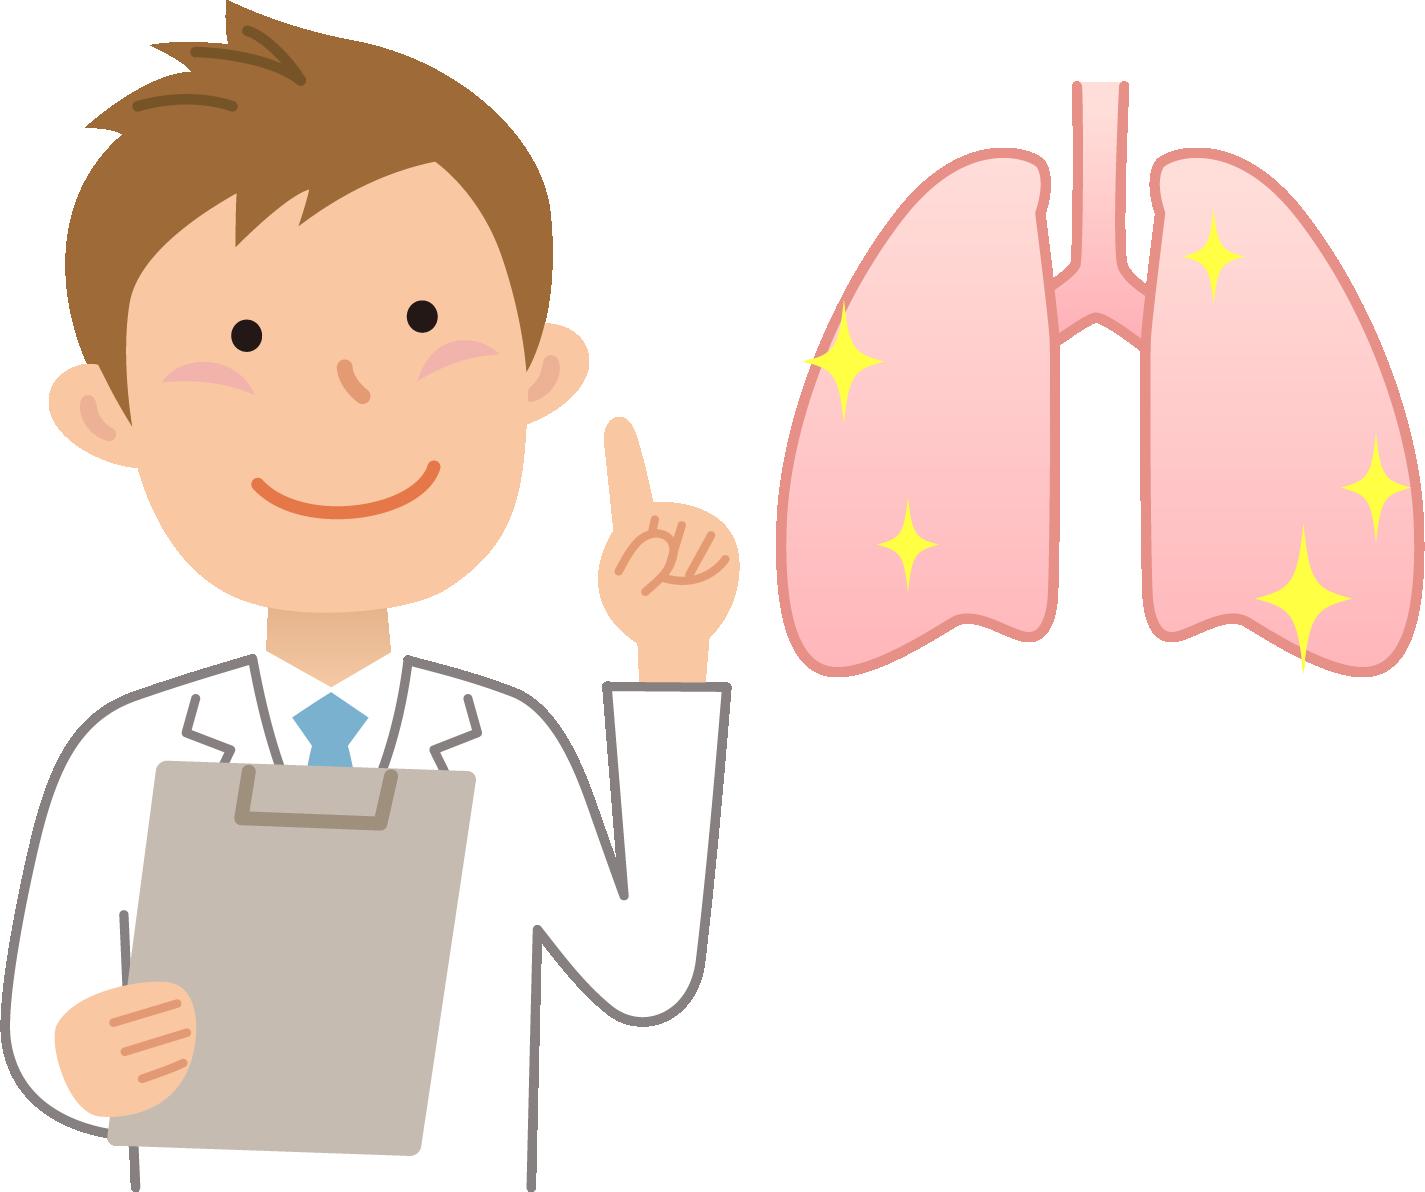 小児期の肺機能障害は、その後の肺機能の低成長に強く影響する